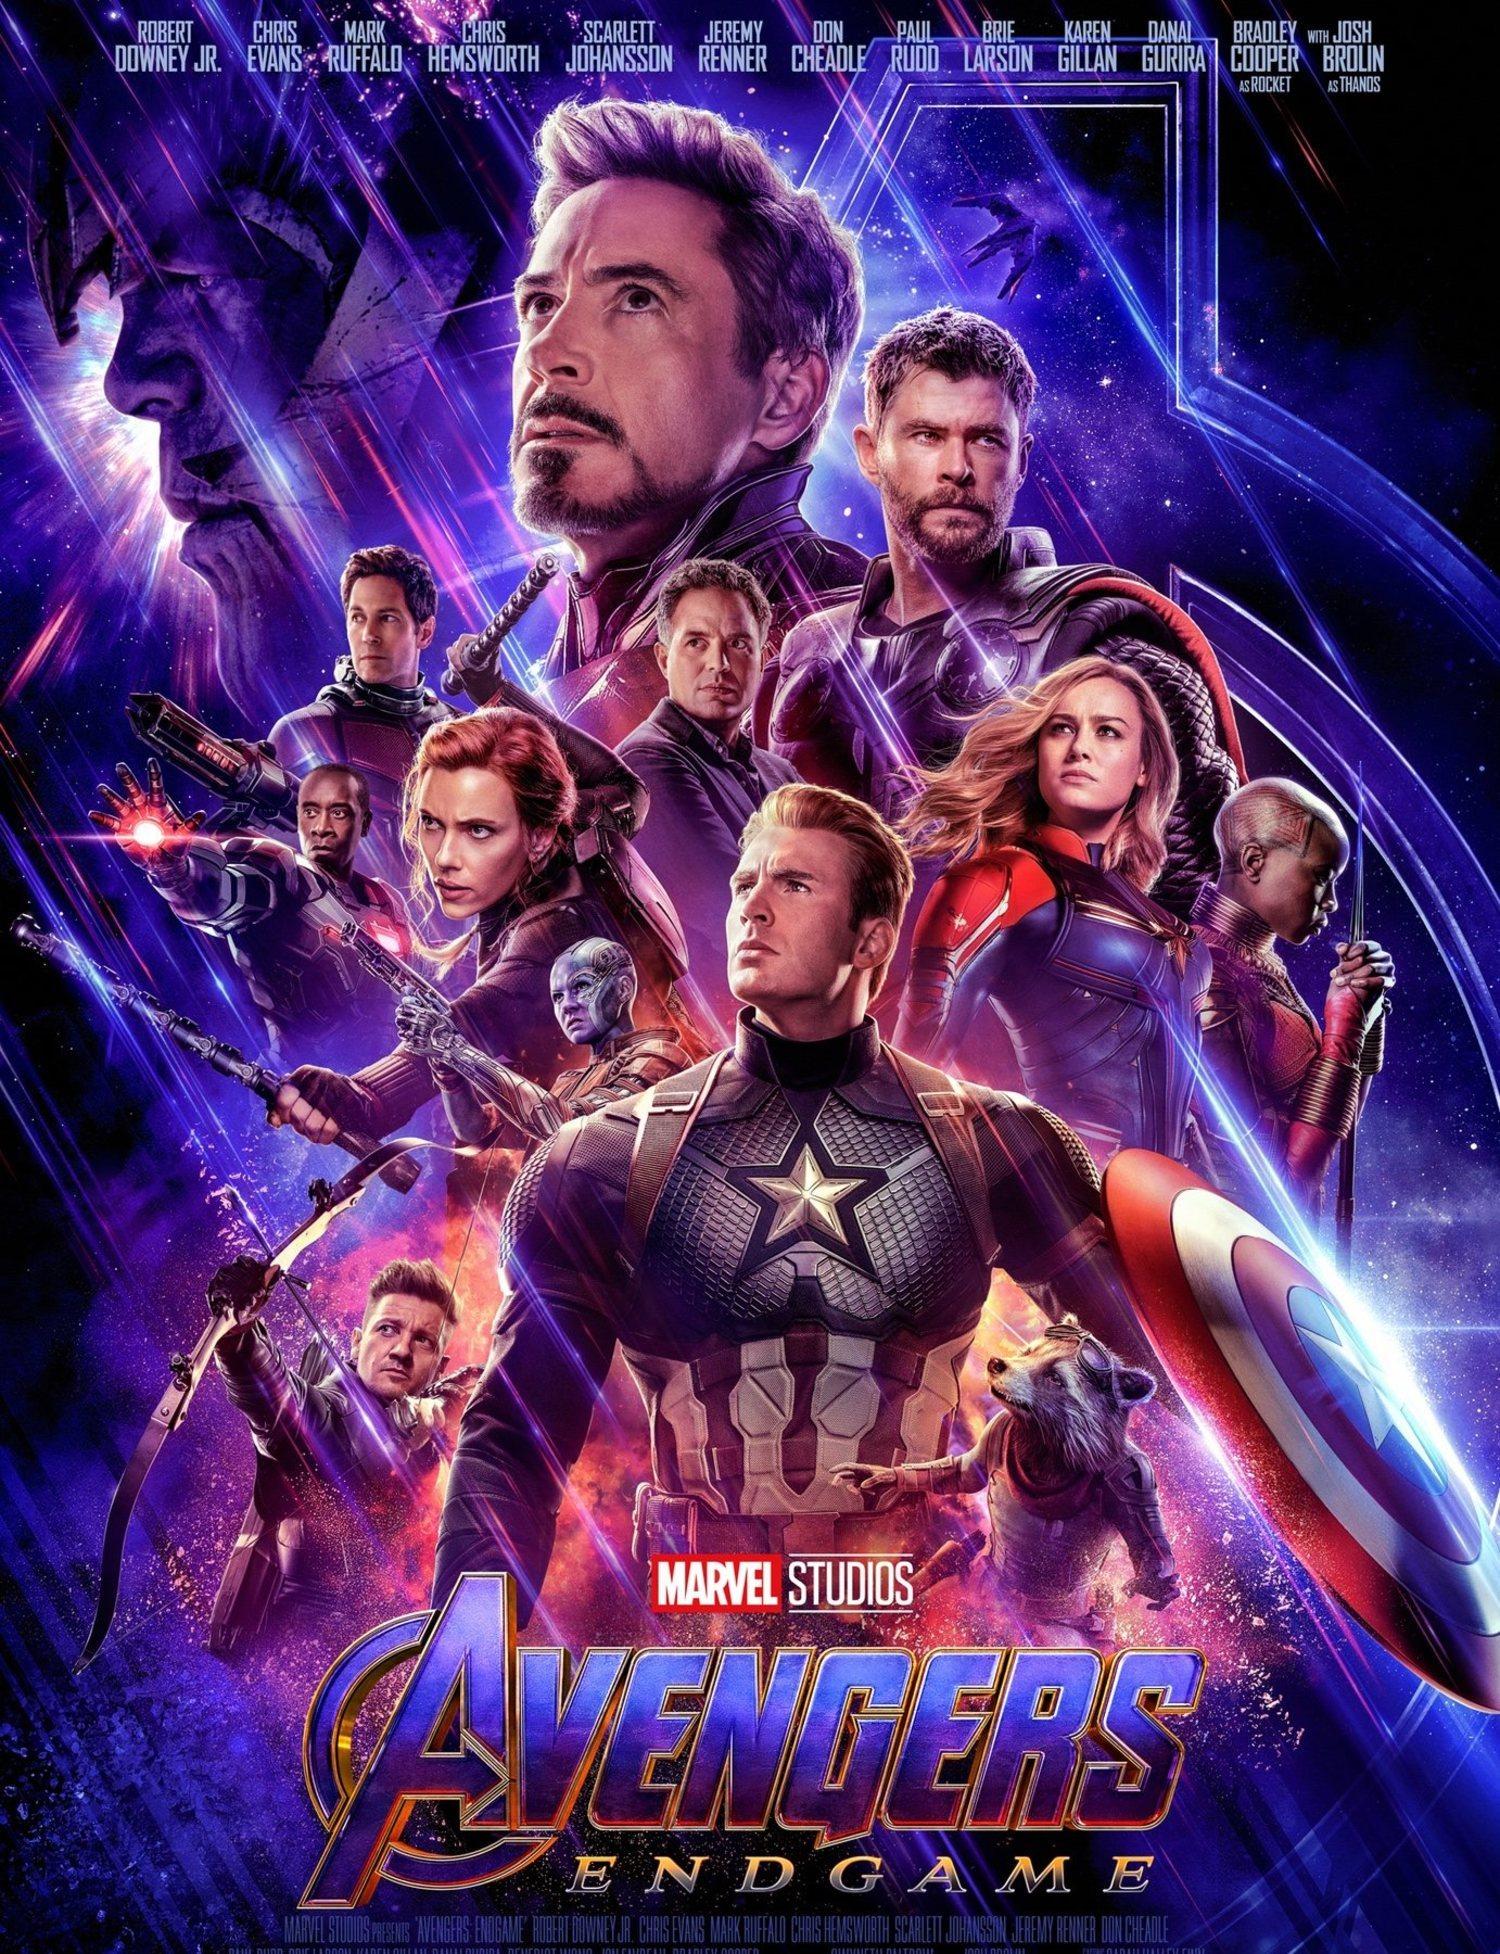 'Vengadores: Endgame' ha supuesto un antes y un después para el universo Marvel.